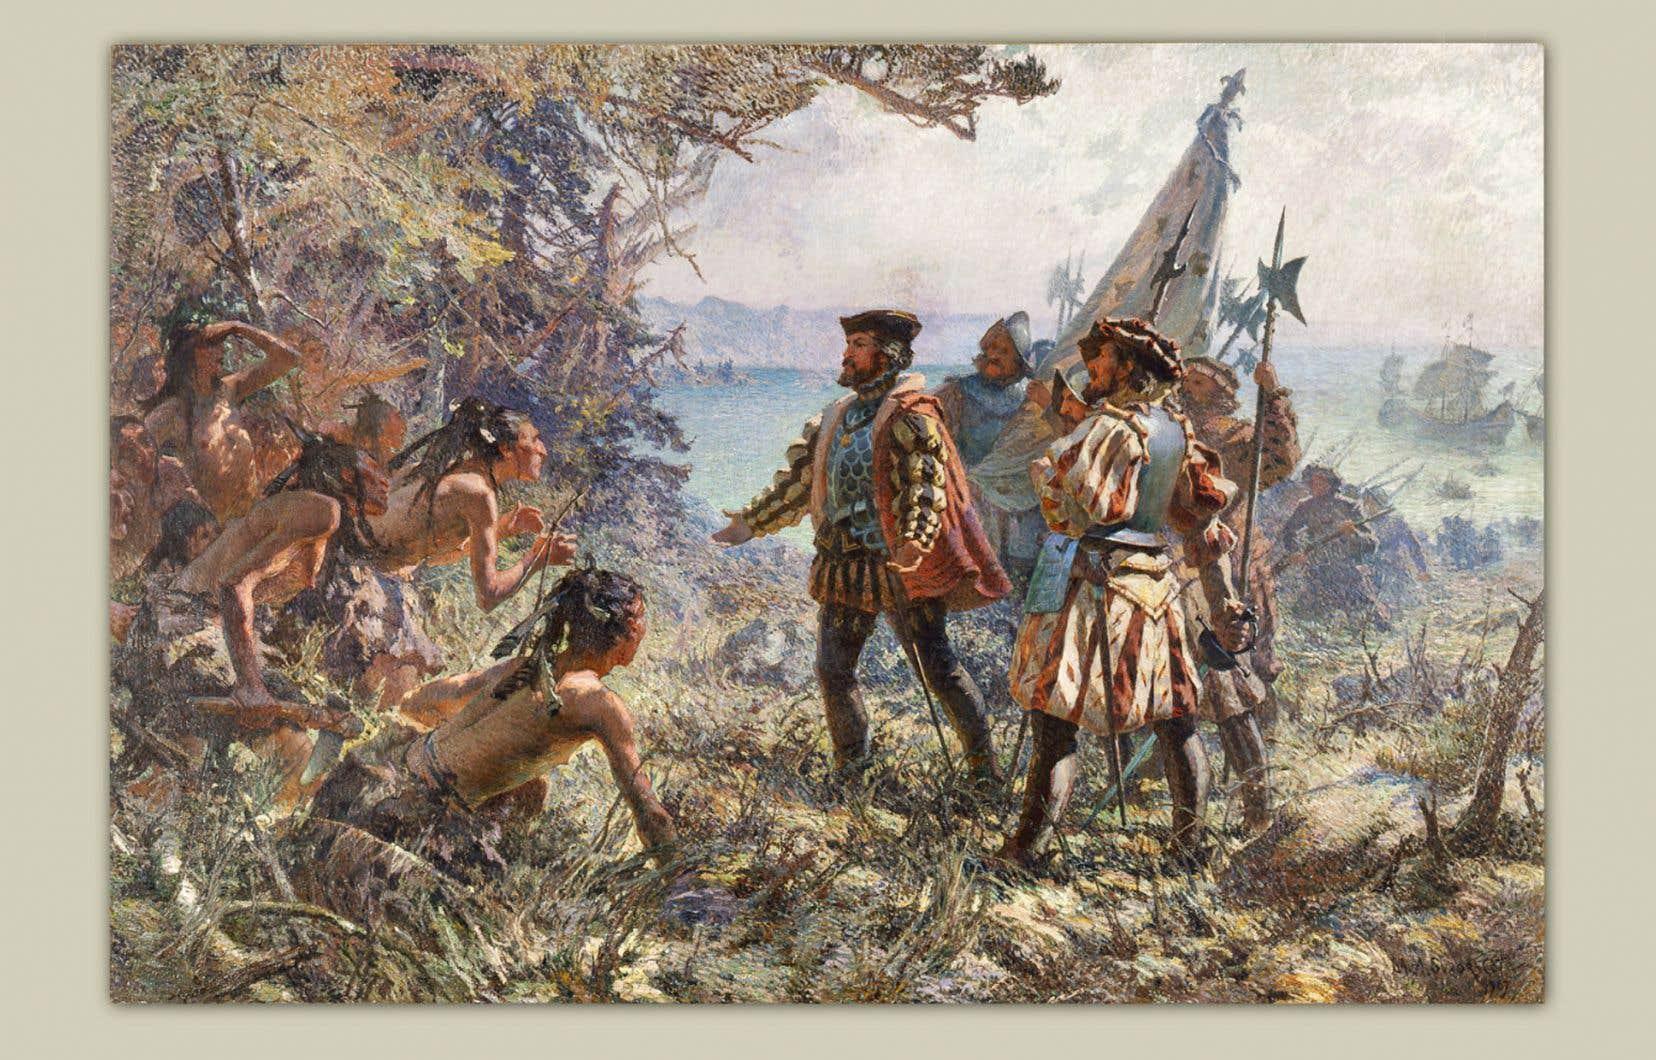 «Jacques Cartier rencontre les Indiens à Stadaconé, 1535». Huile sur toile de Marc-Aurèle de Foy Suzor-Coté,1907. Collection du Musée national des beaux-arts du Québec.